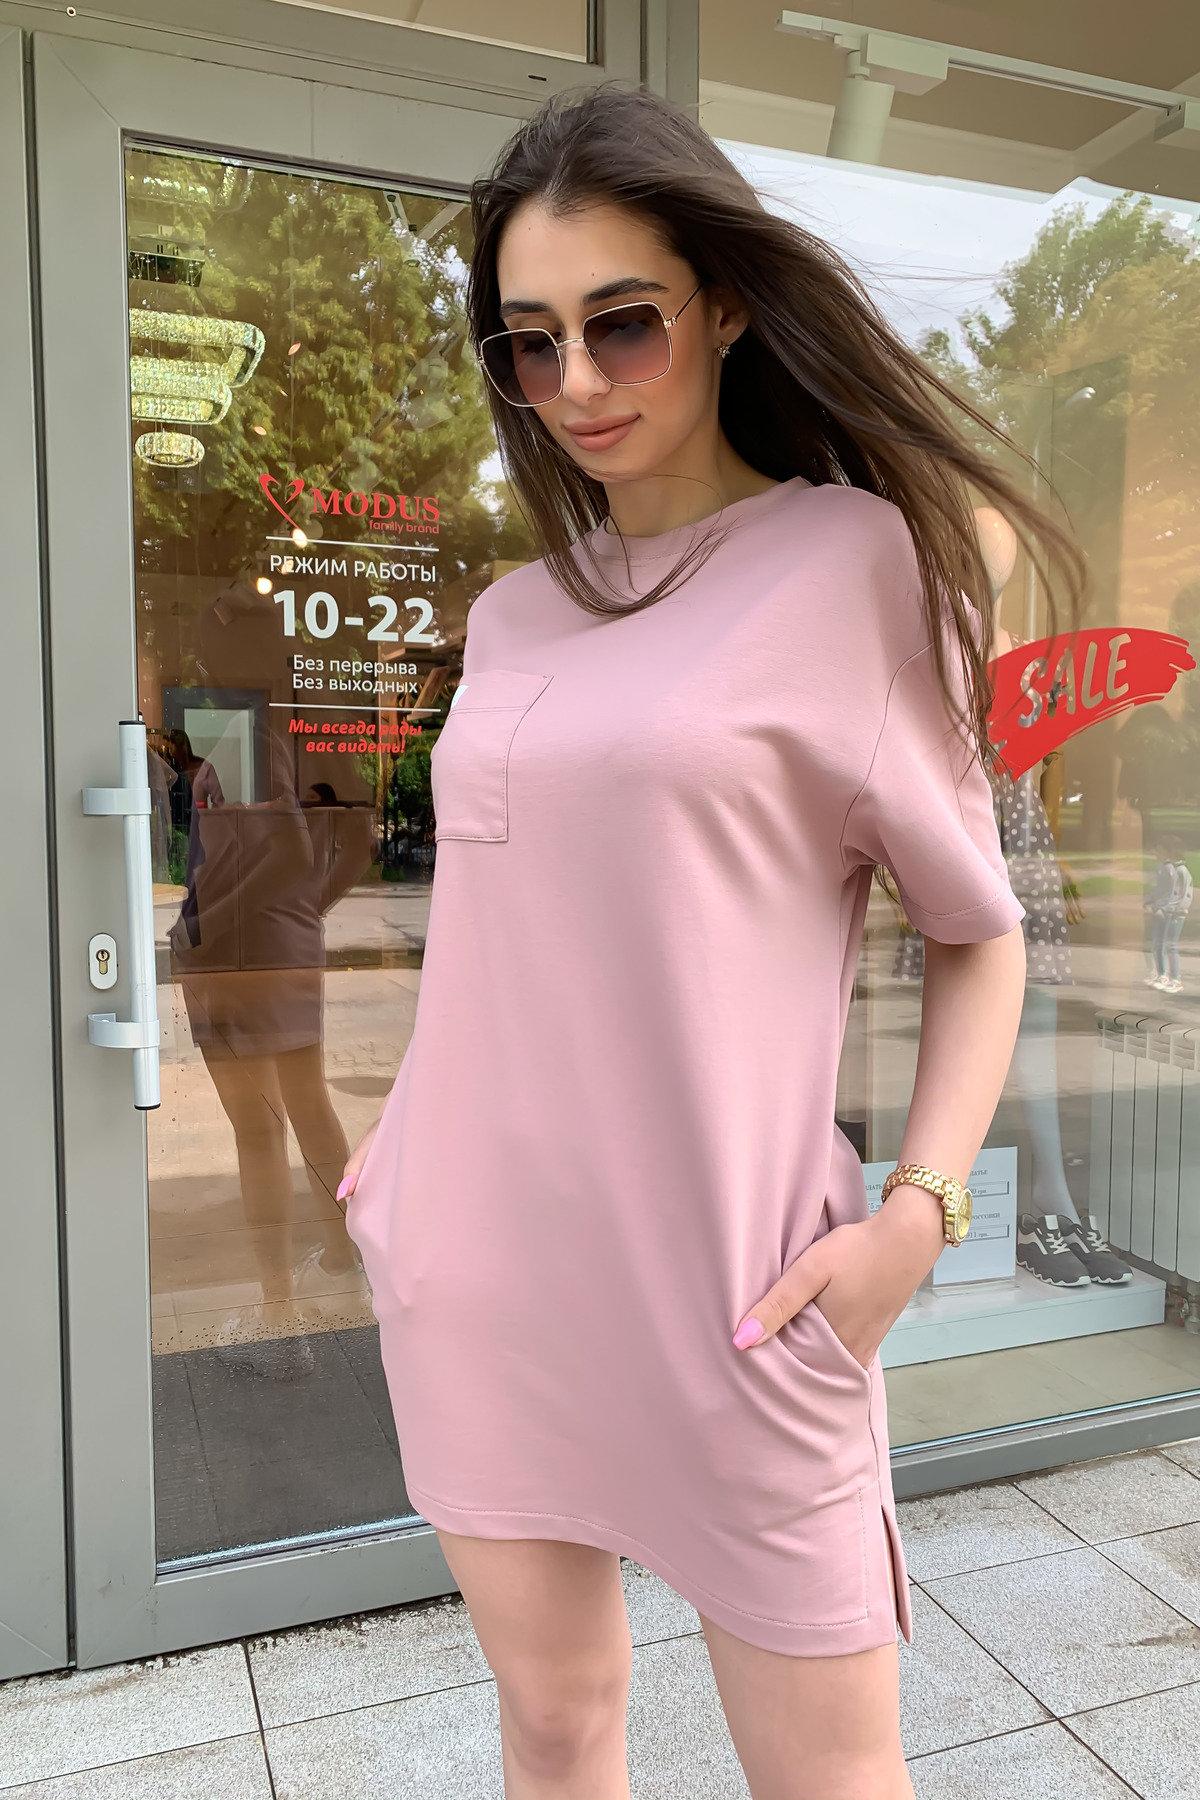 Платье Джома 9273 АРТ. 45613 Цвет: Пудра - фото 2, интернет магазин tm-modus.ru